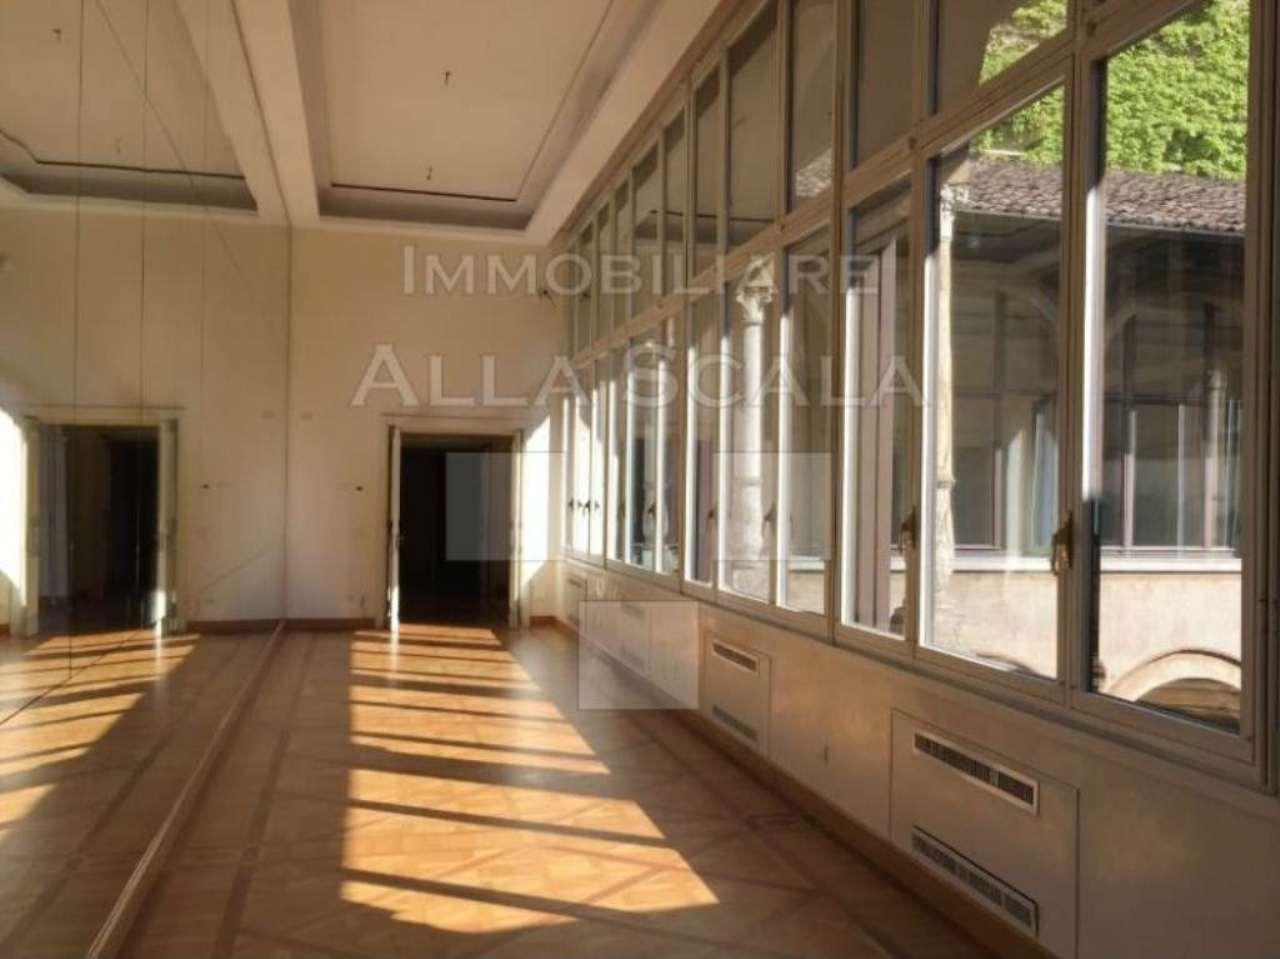 Appartamento in affitto a Milano, 10 locali, zona Zona: 1 . Centro Storico, Duomo, Brera, Cadorna, Cattolica, prezzo € 10.830 | CambioCasa.it